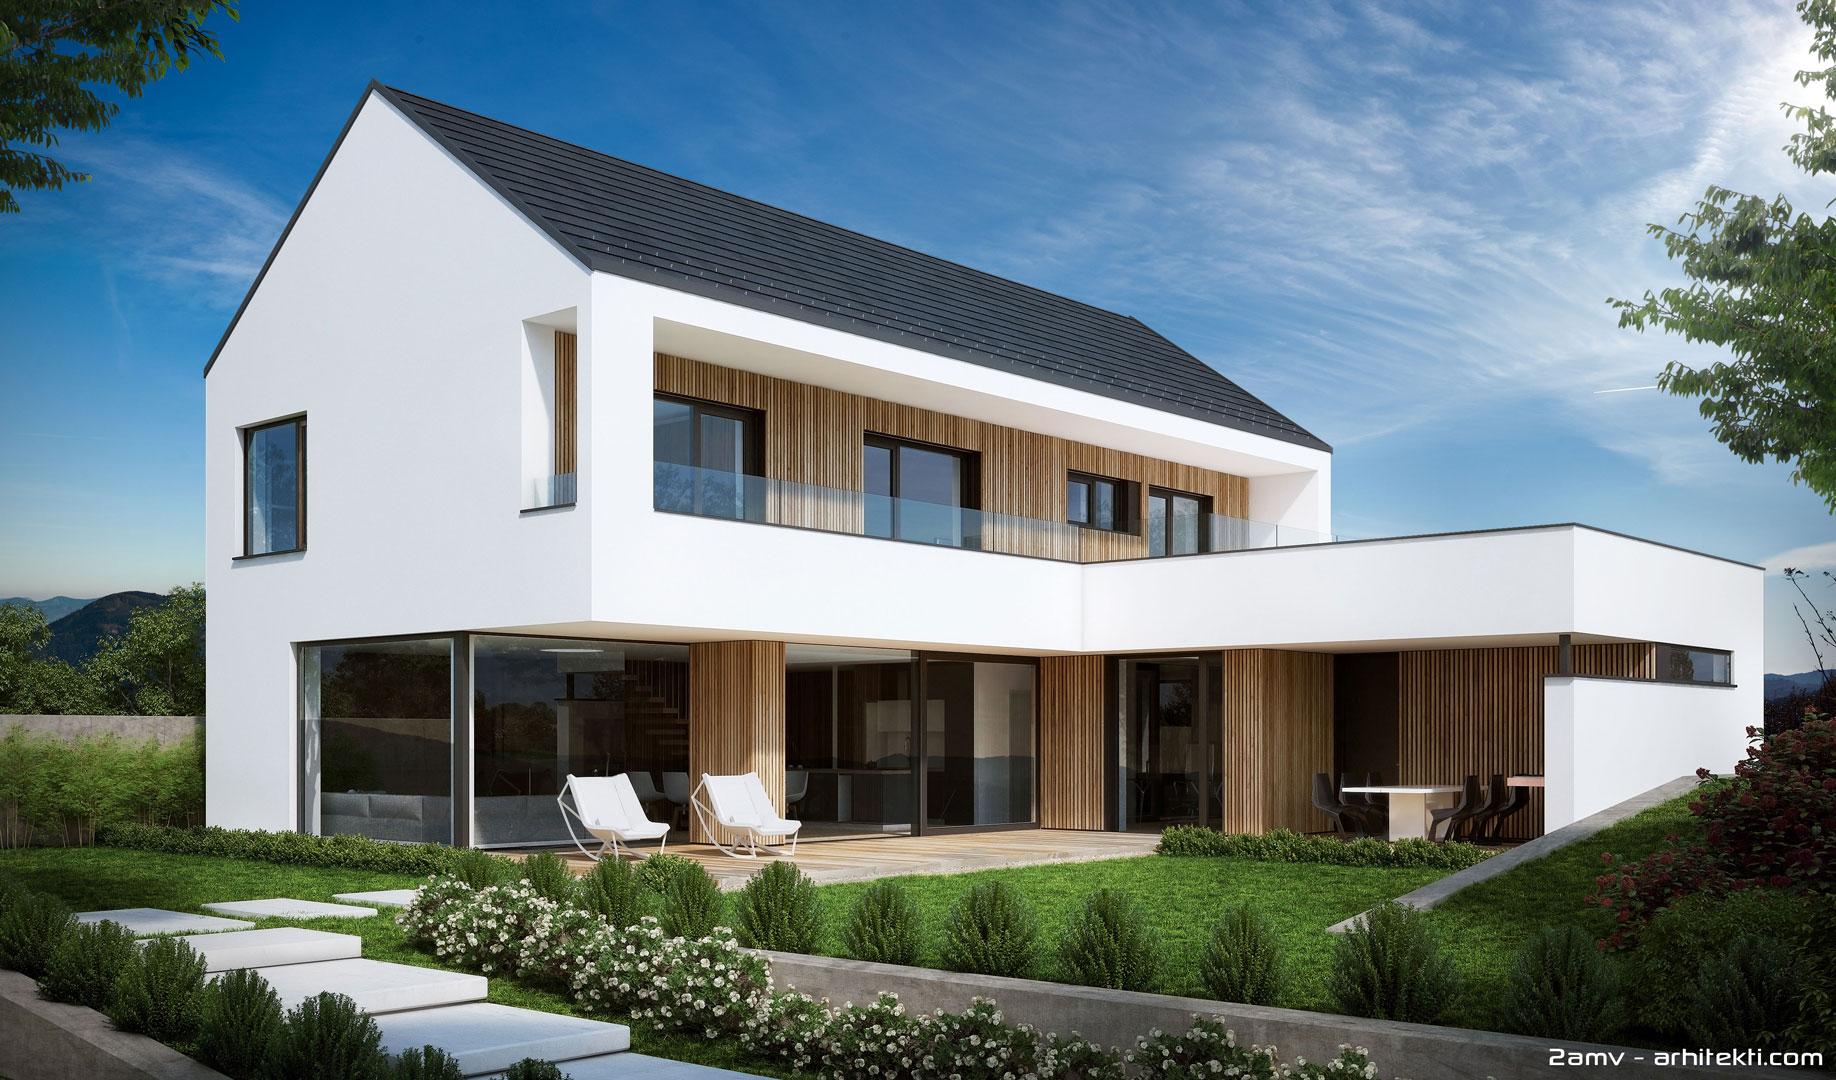 Zidana gradnja s kontaktno in leseno fasadno oblogo